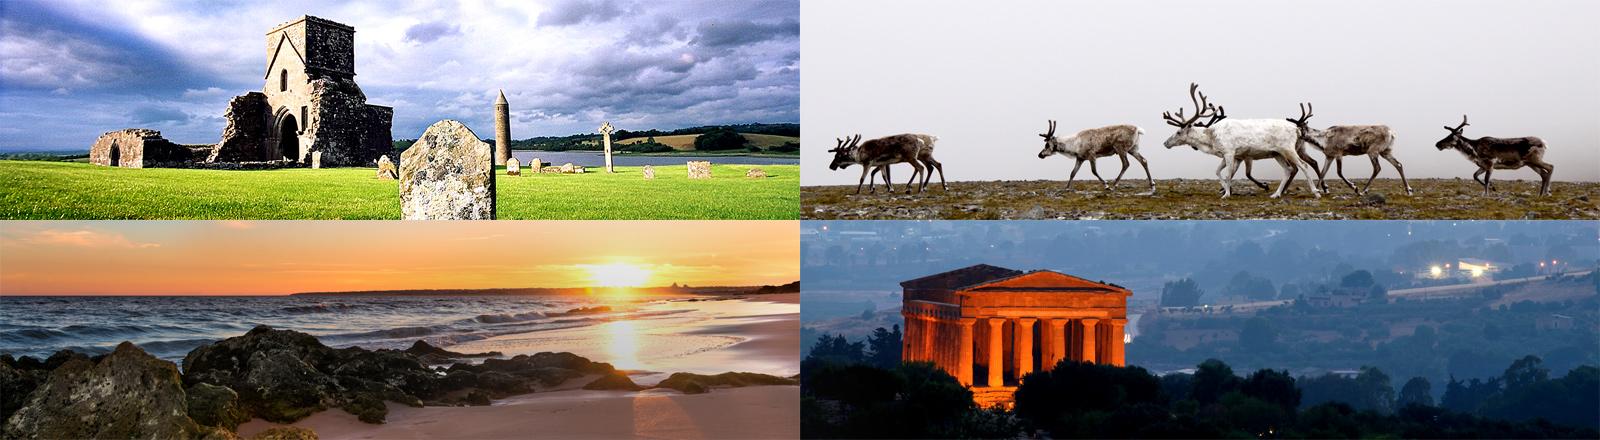 Collage von Bildern mit einem Haus auf Irland, Rentiere in Finnland, alter Tempel in Griechenland und Strand in Portugal.